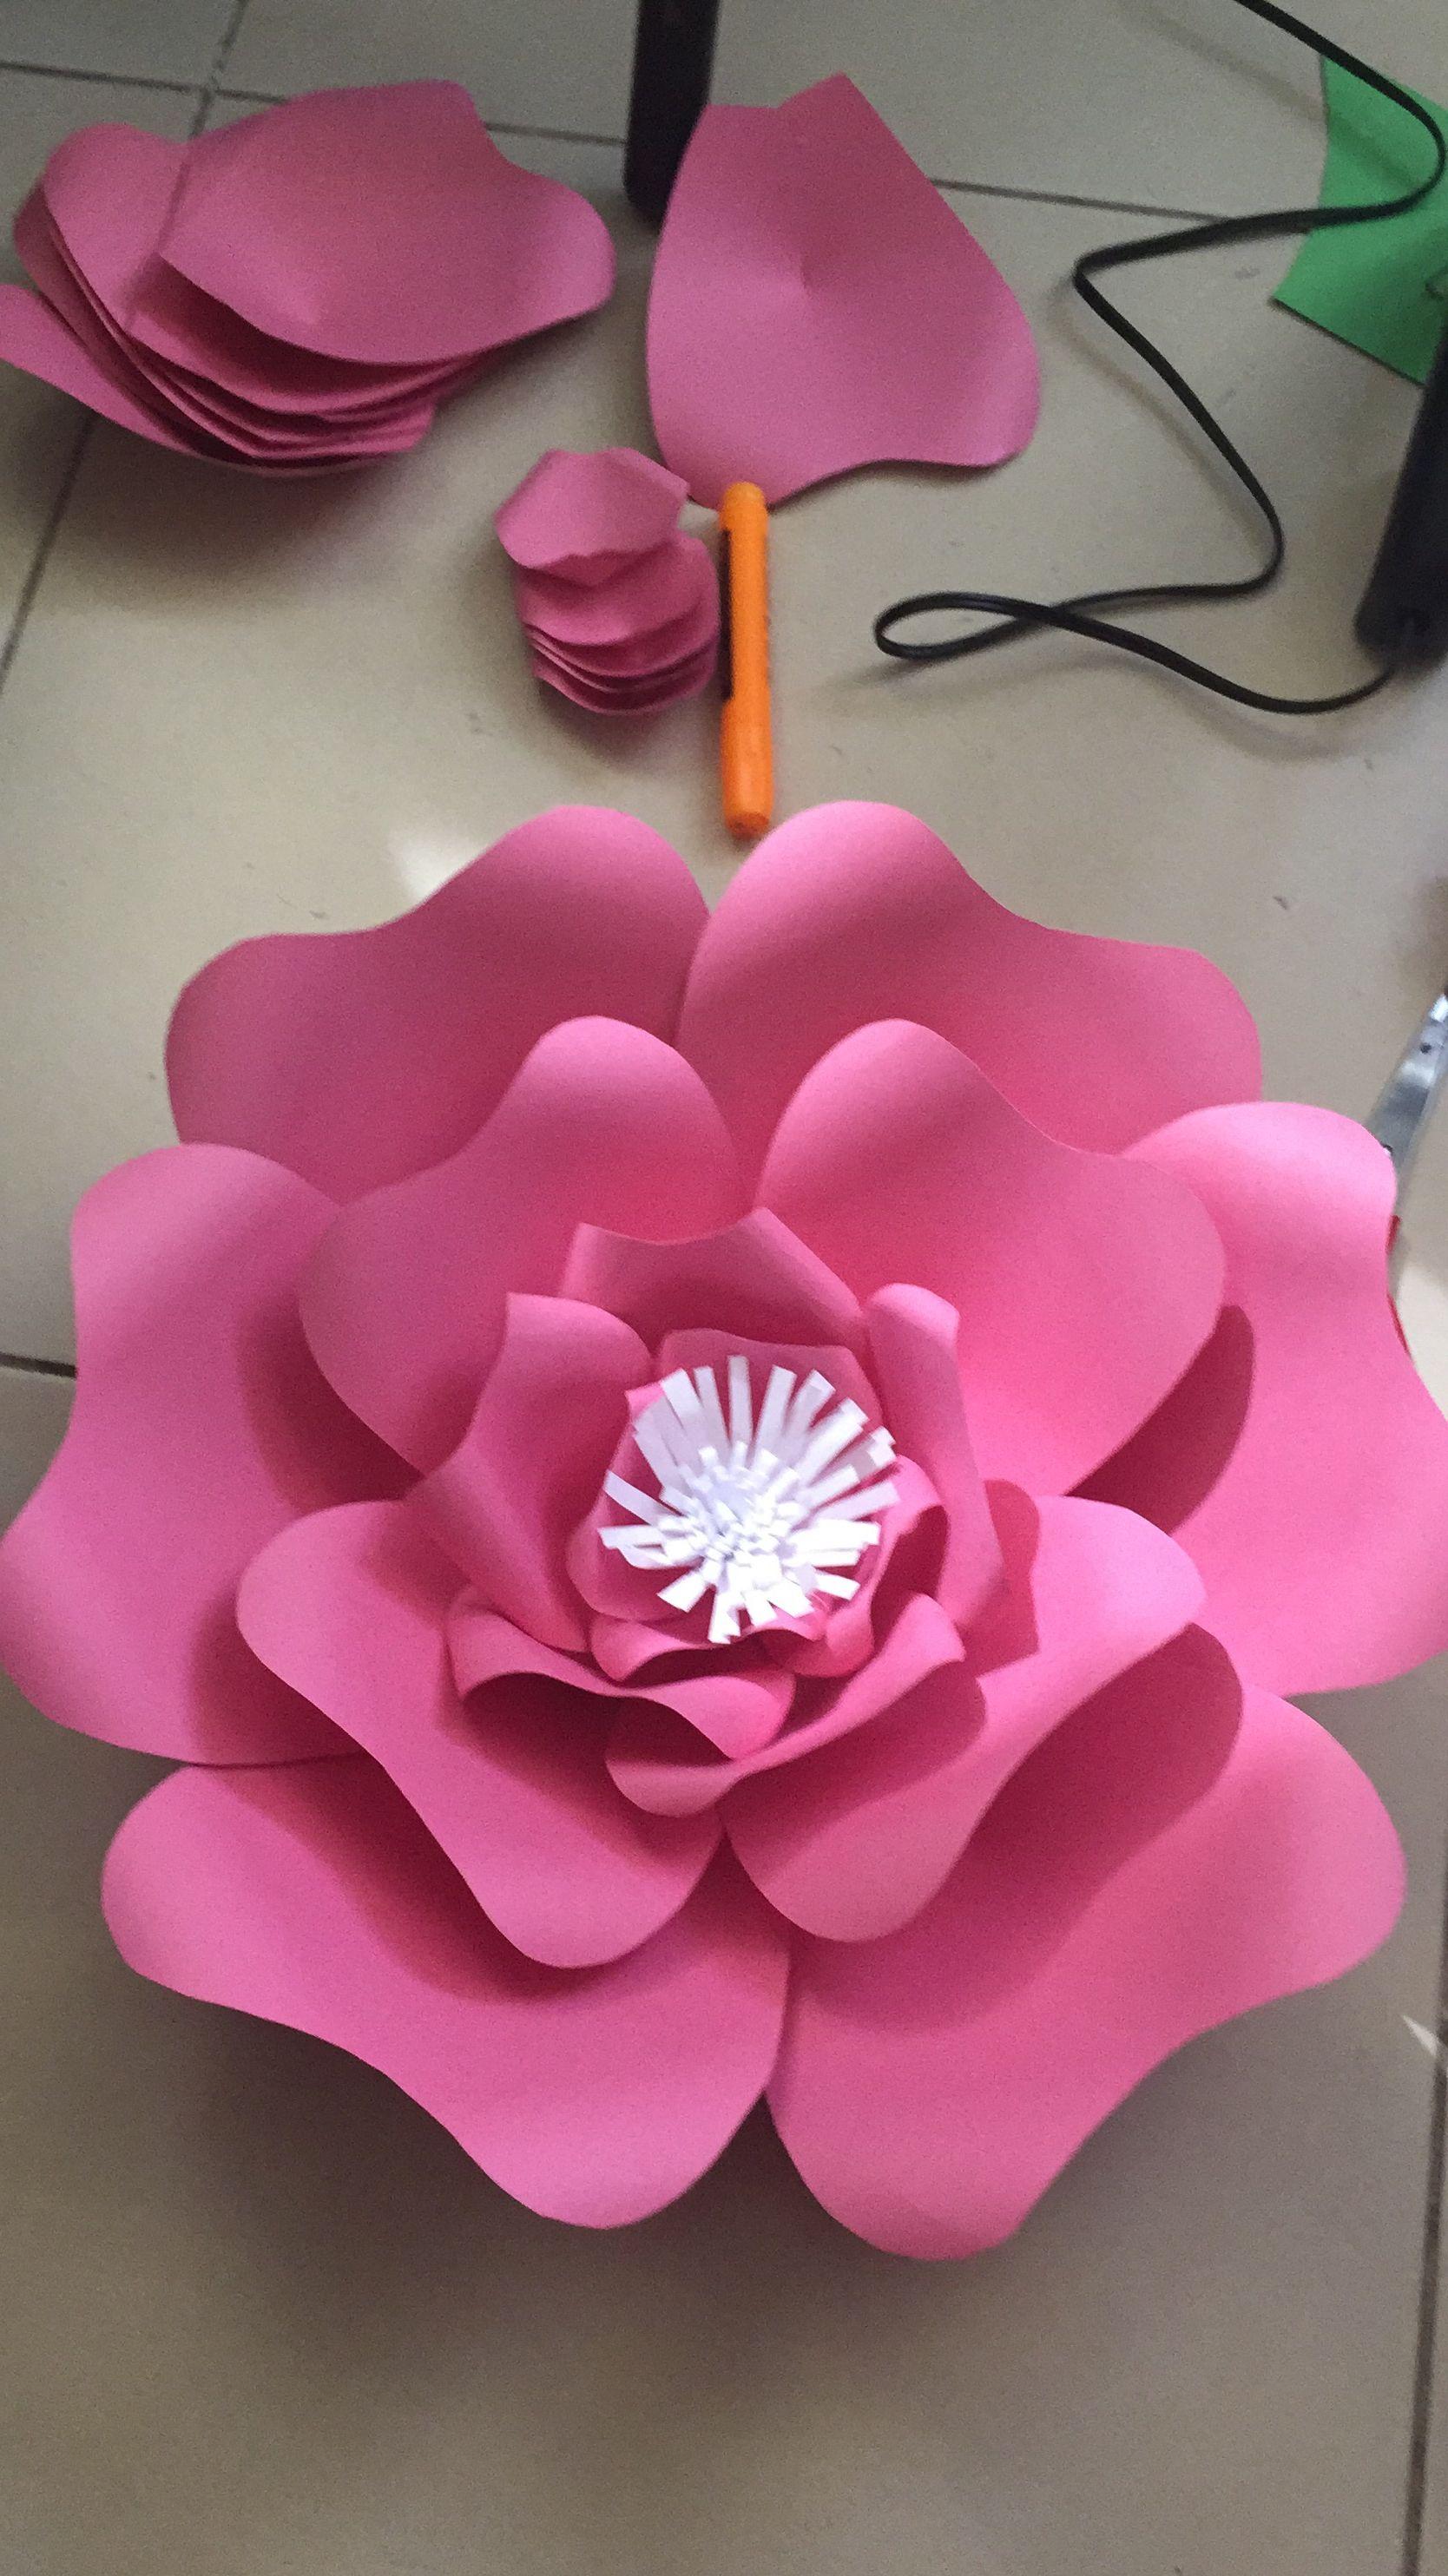 cumple   Decoração flores de papel, Flores de papel, Trabalhos manuais